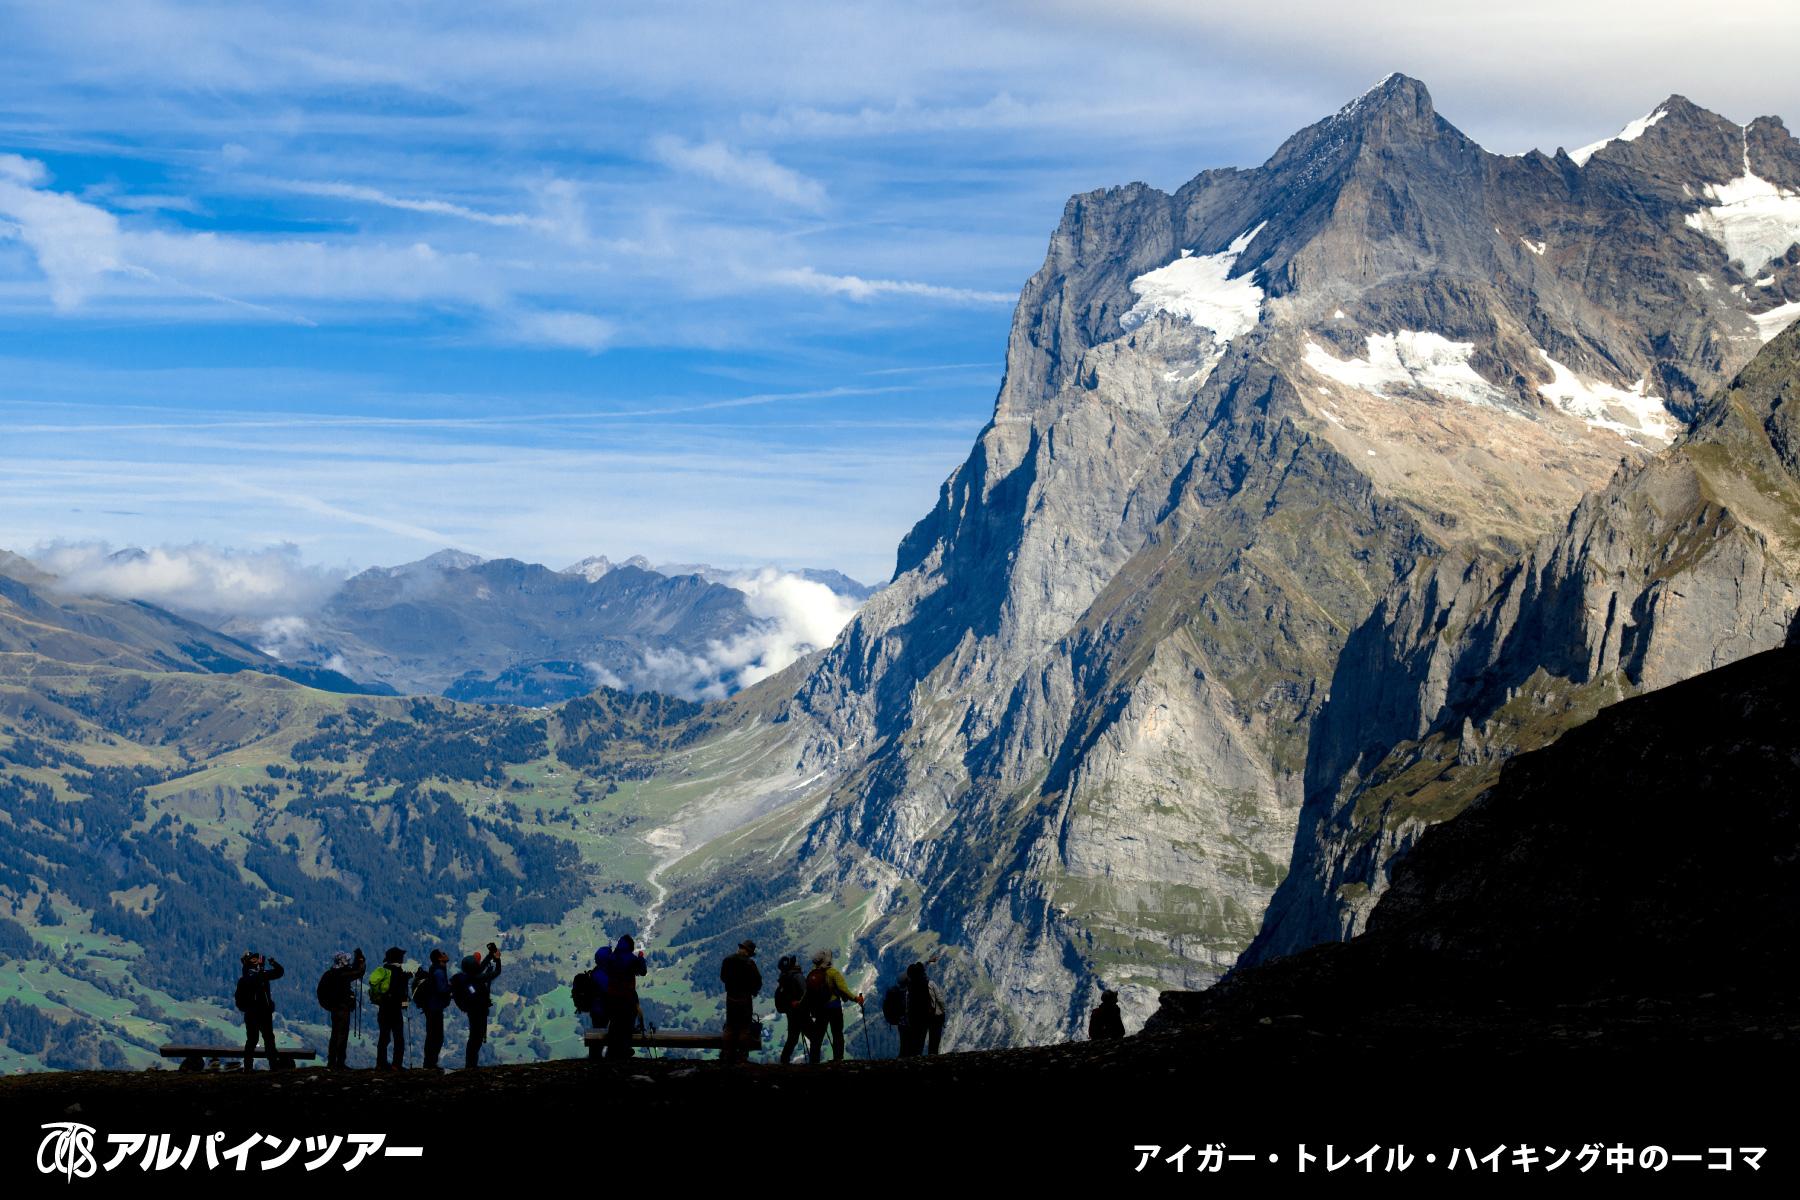 【今日の名峰】 ヴェッターホルン(3,692m)